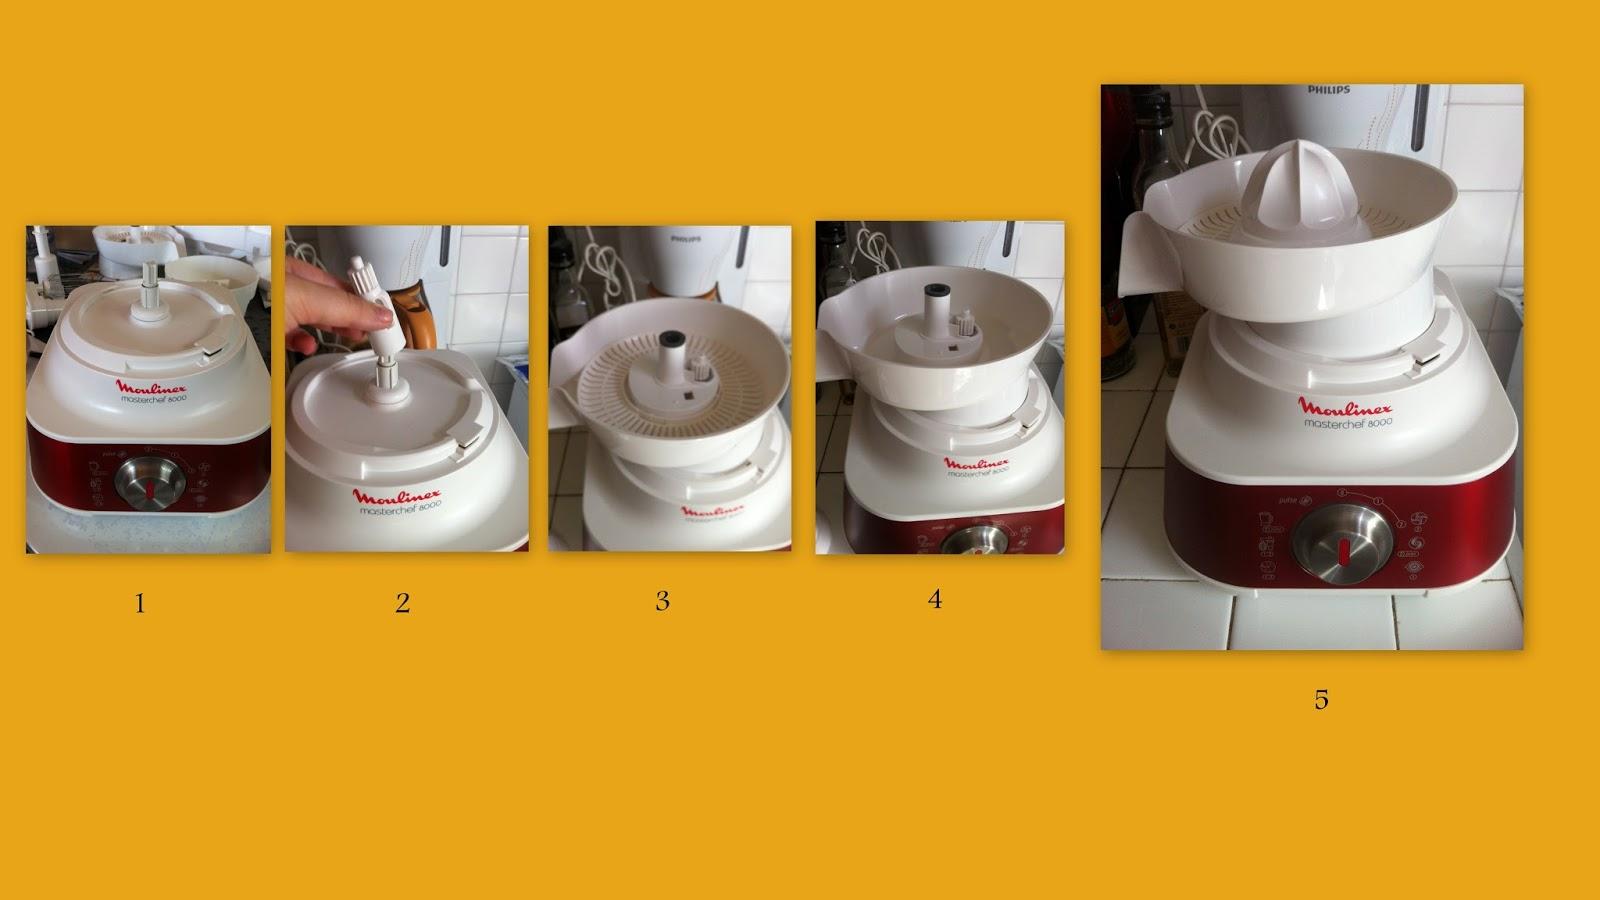 Moulinex masterchef 8000 centrifugeuse